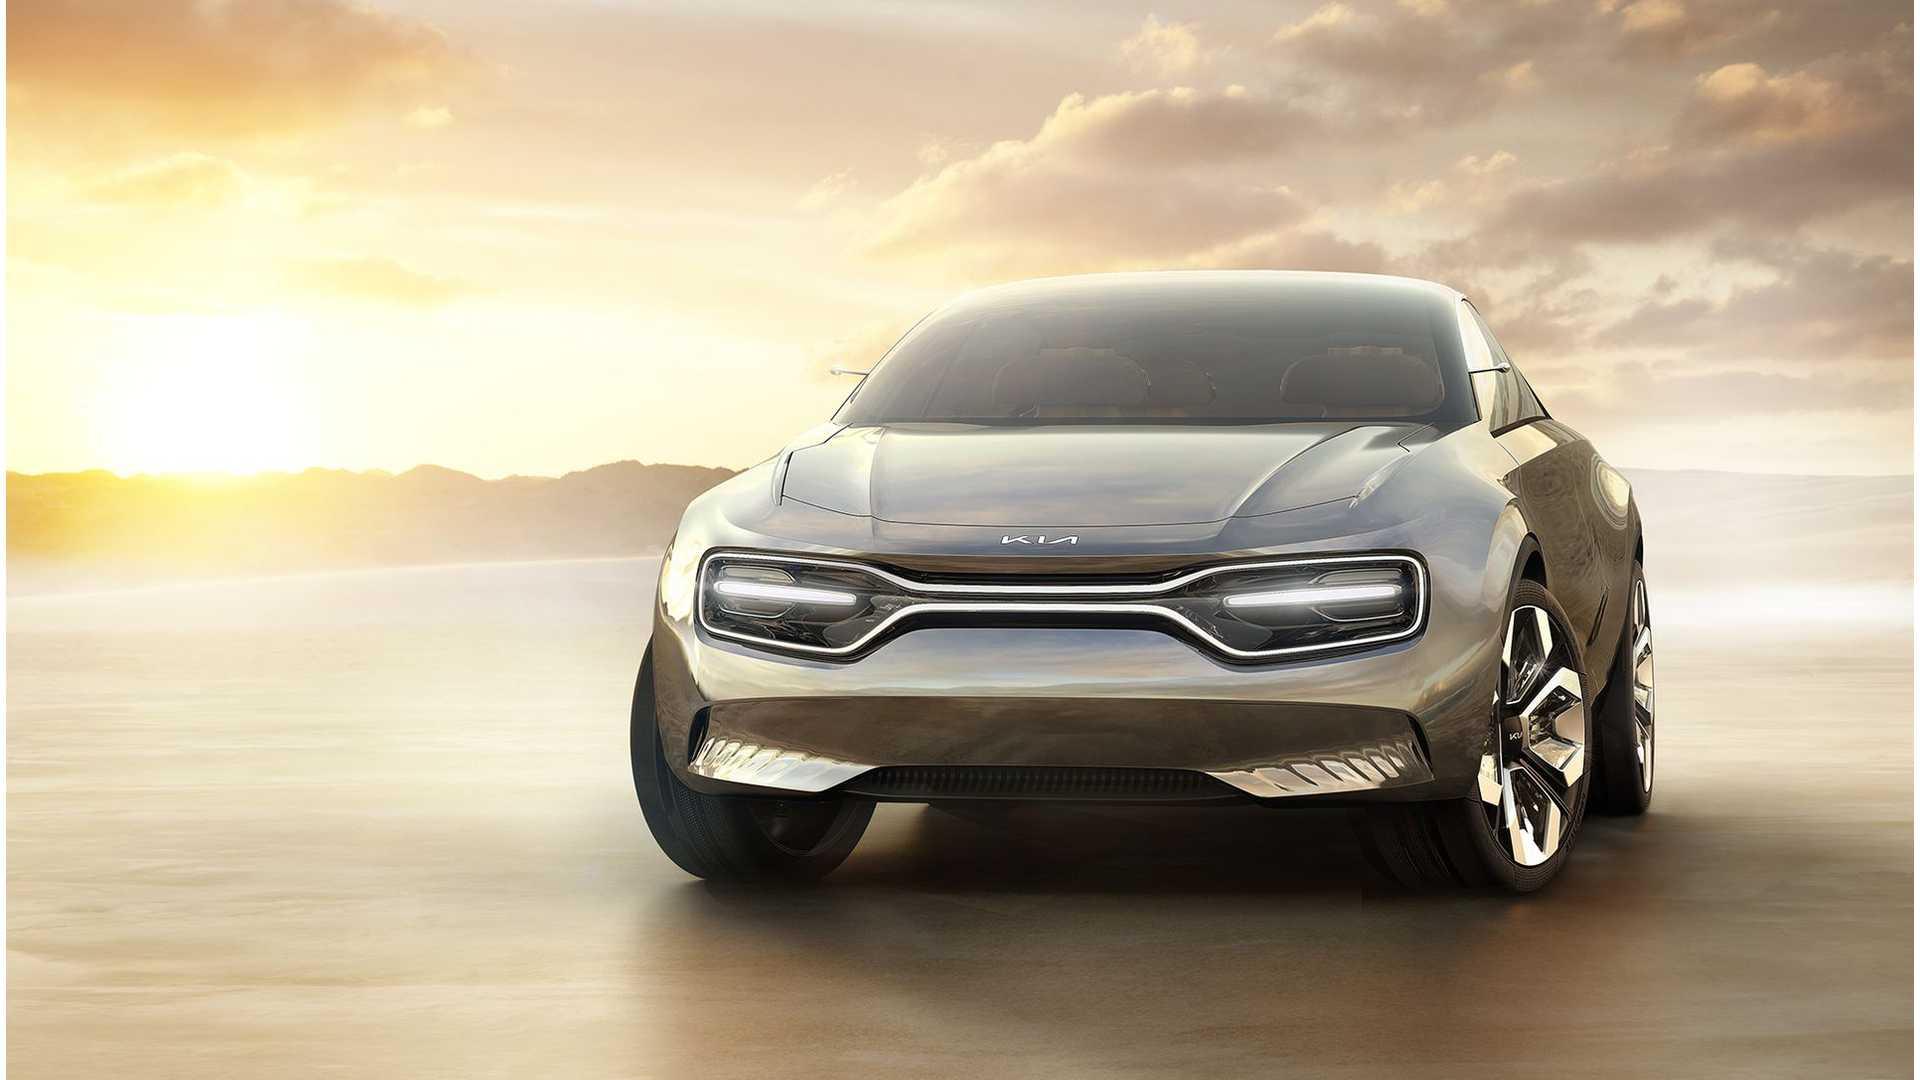 Érkezik a KIA új elektromos járműve